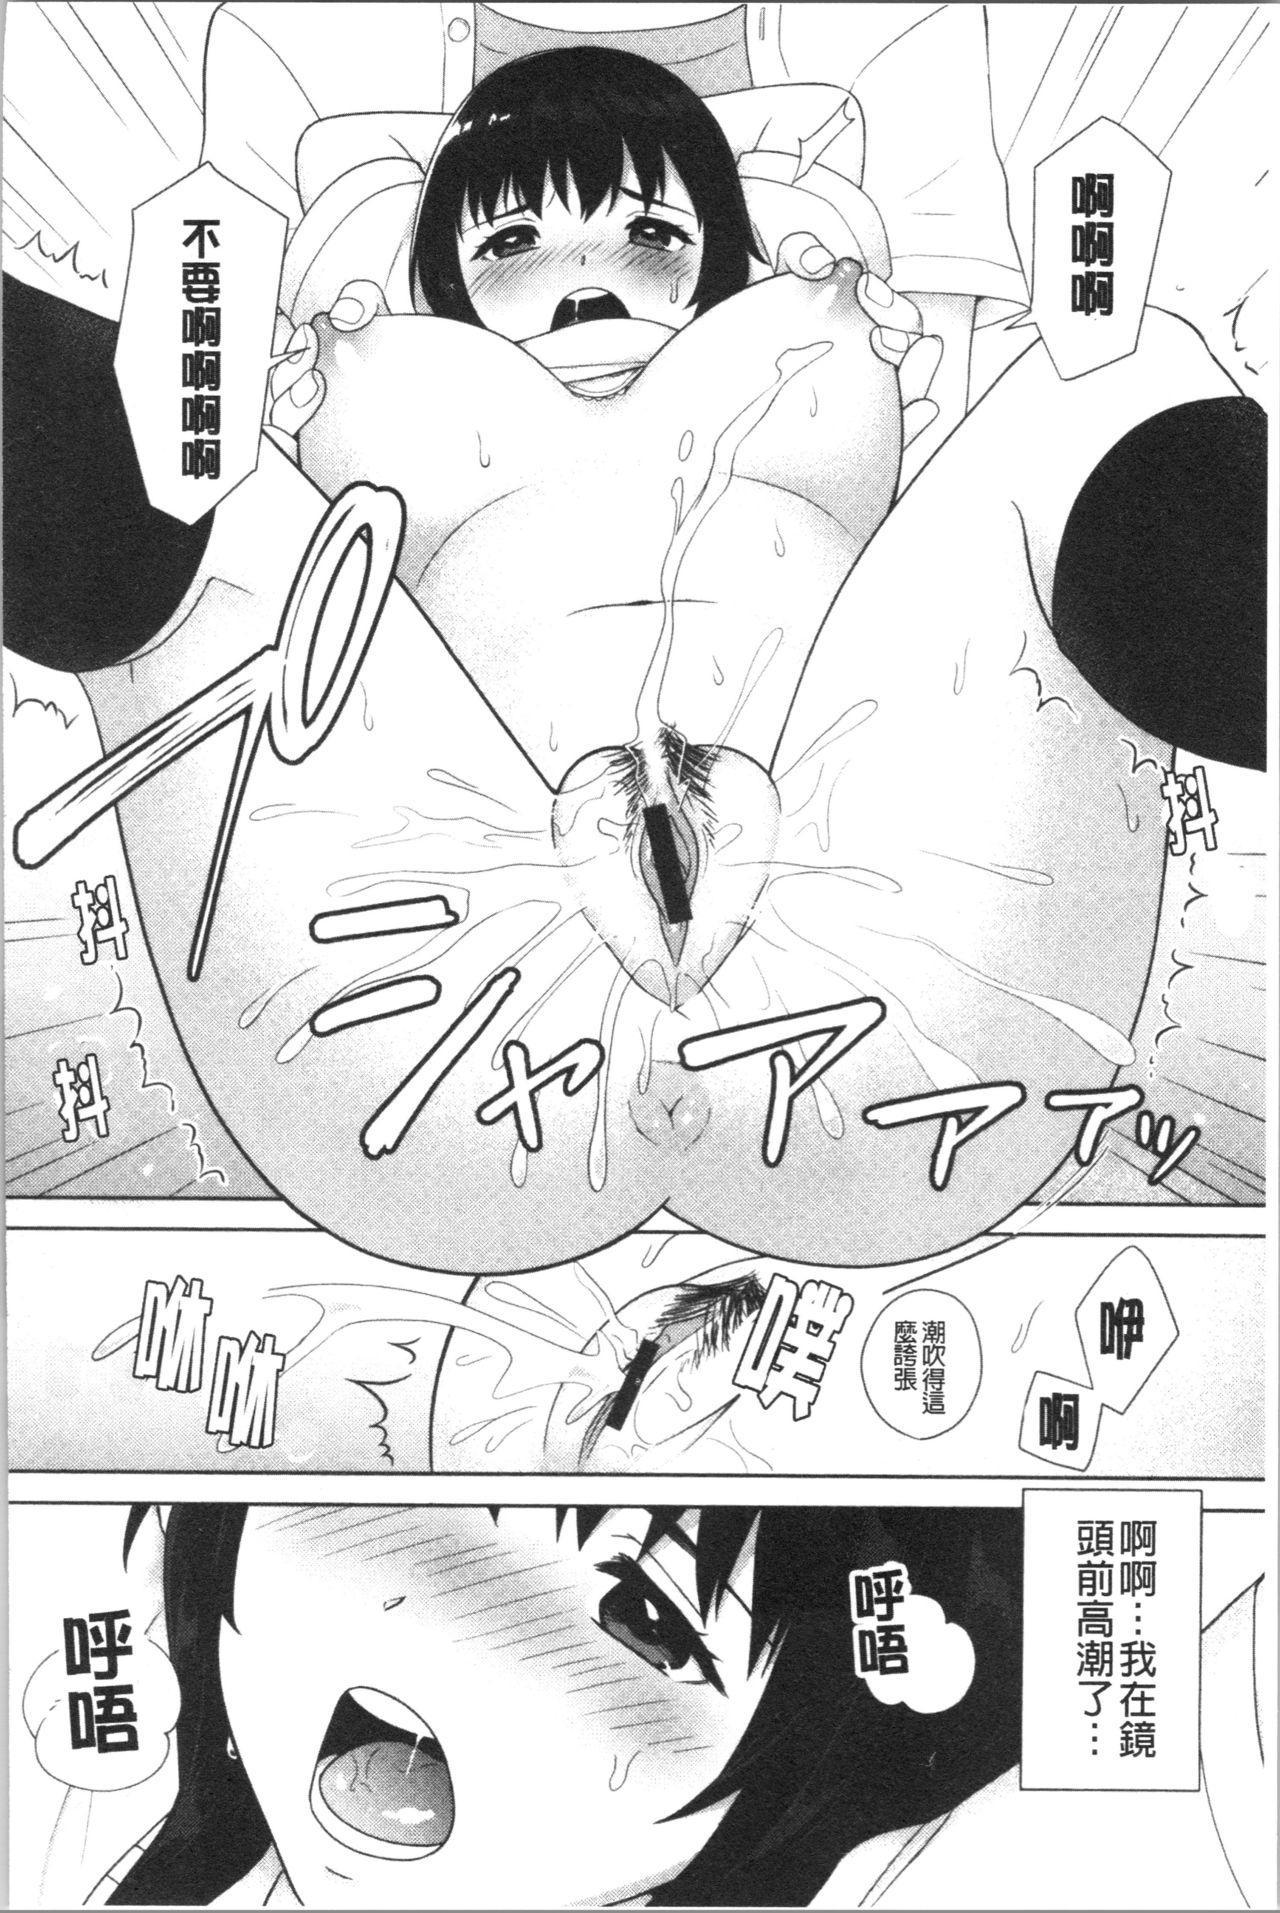 #Echi Echi Joshi to Tsunagaritai | #好色淫蕩女子想和她搞一下 190